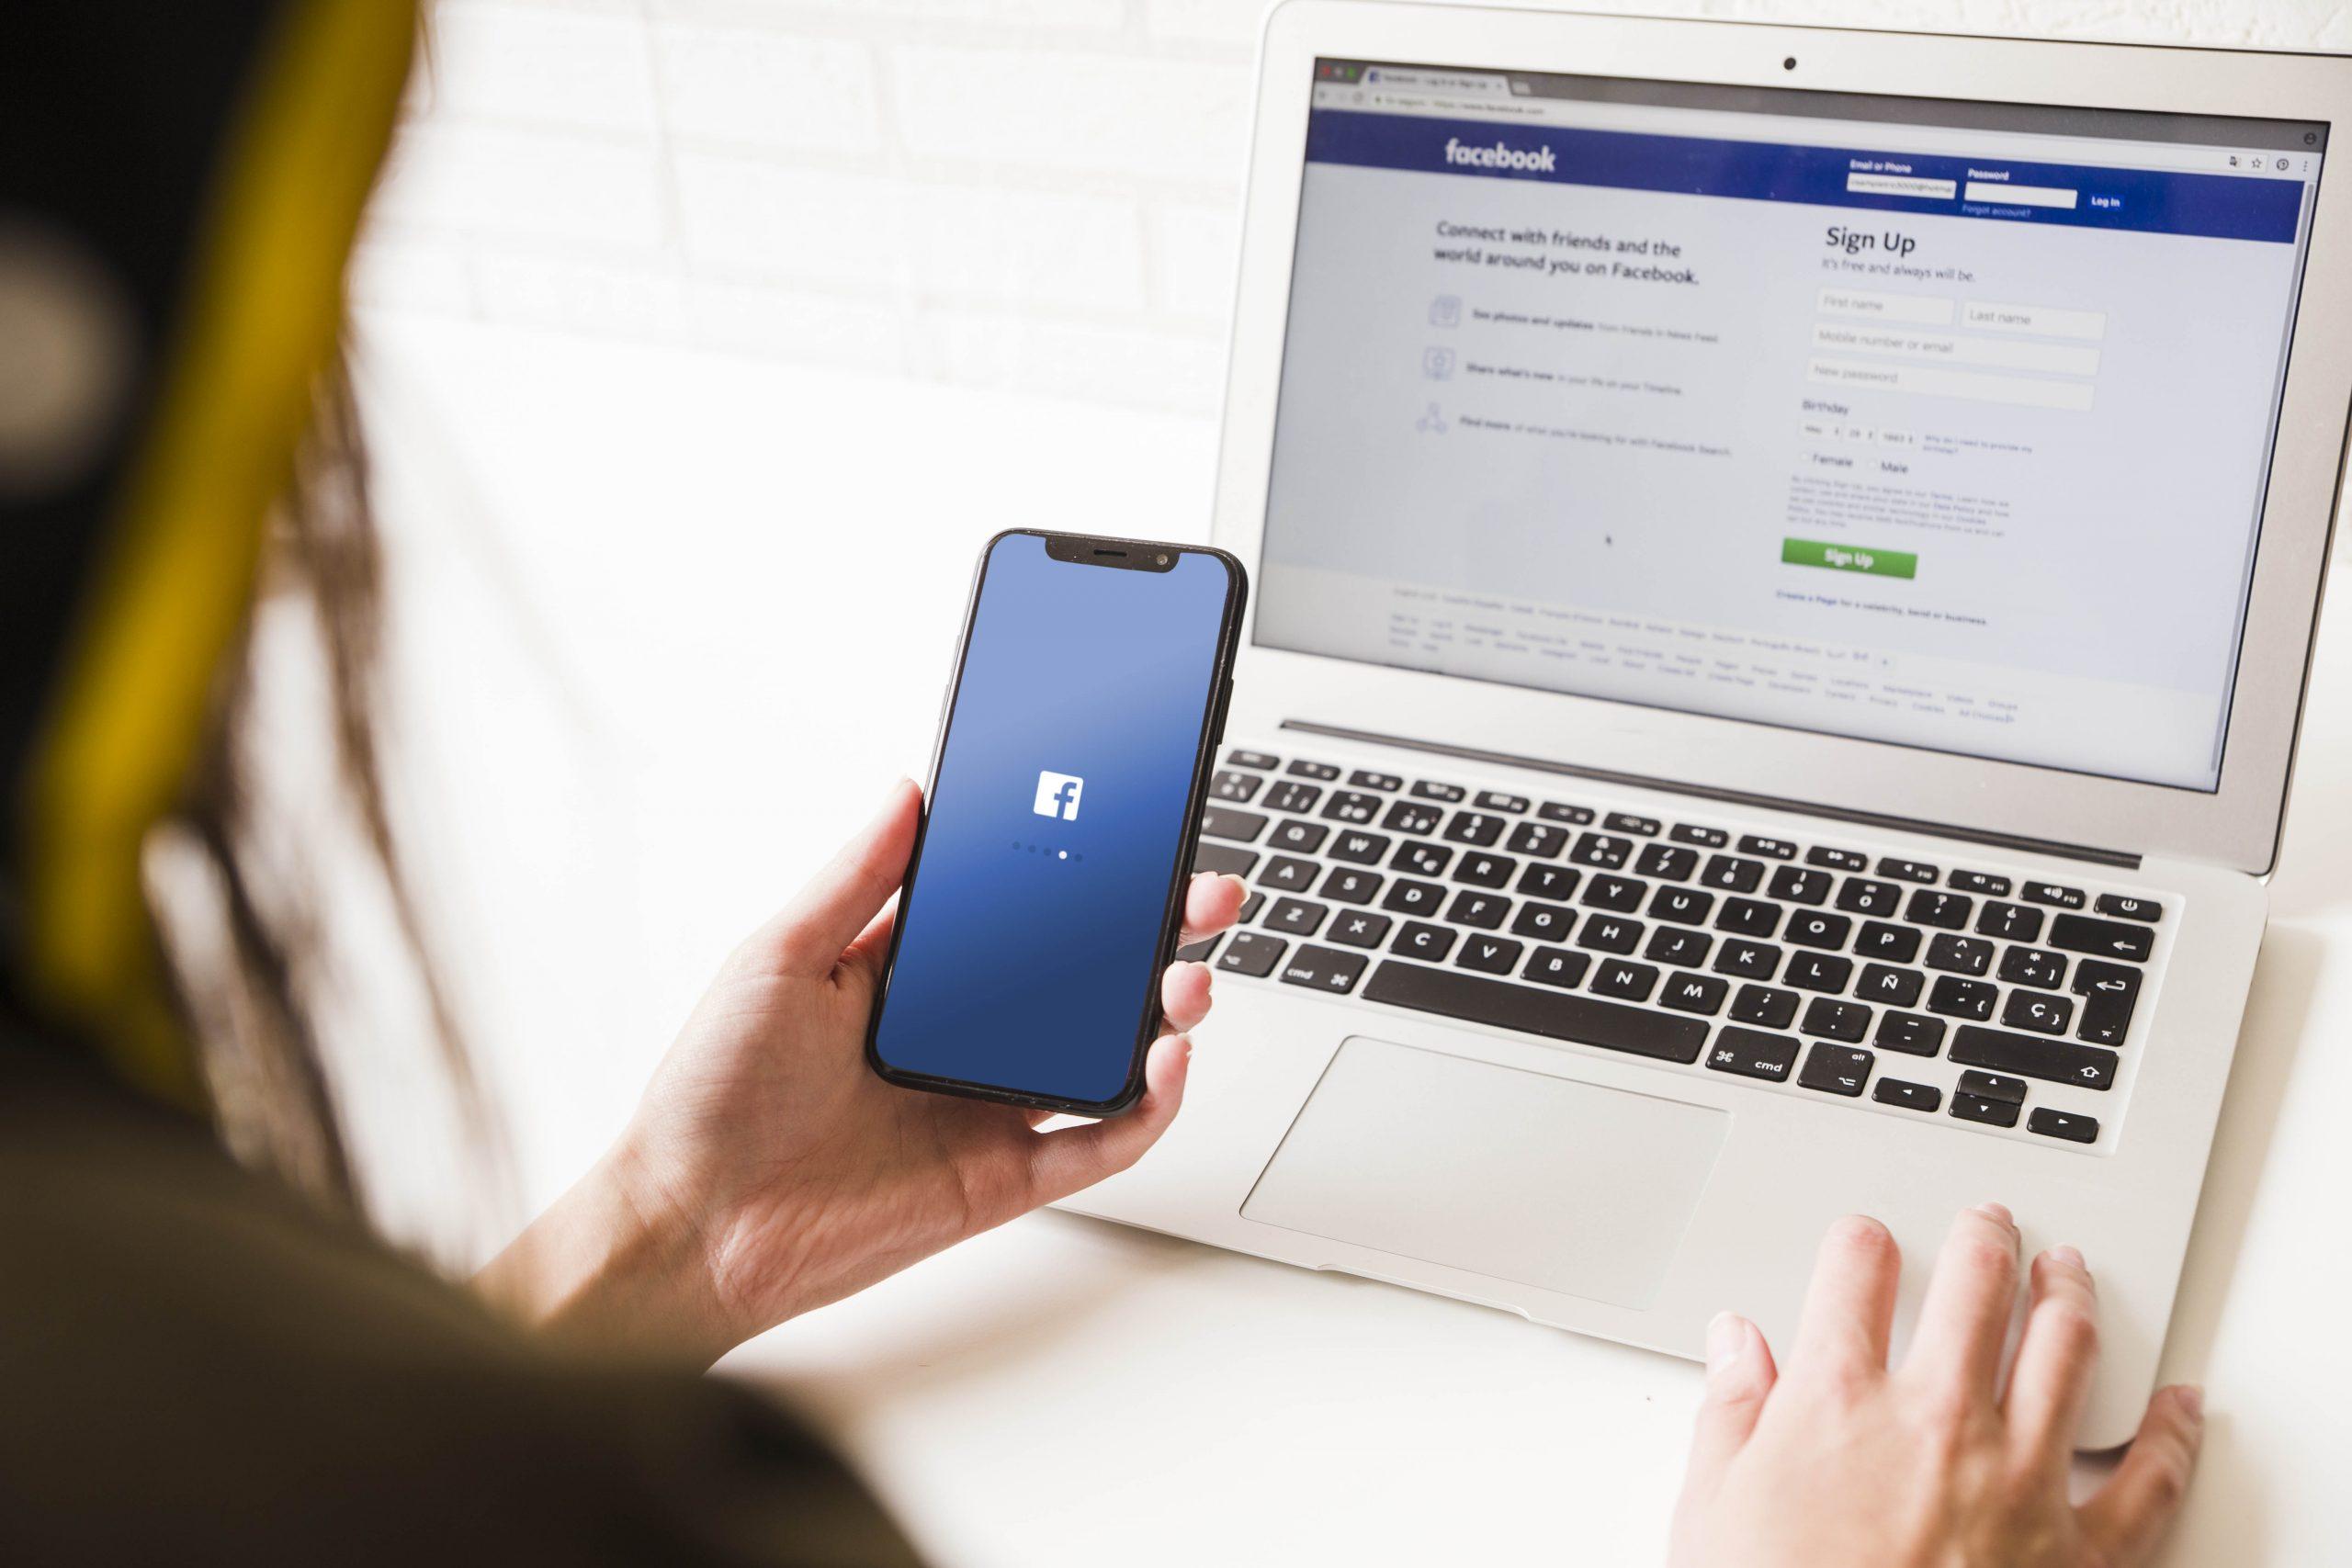 noventa-redes-sociais-facebook